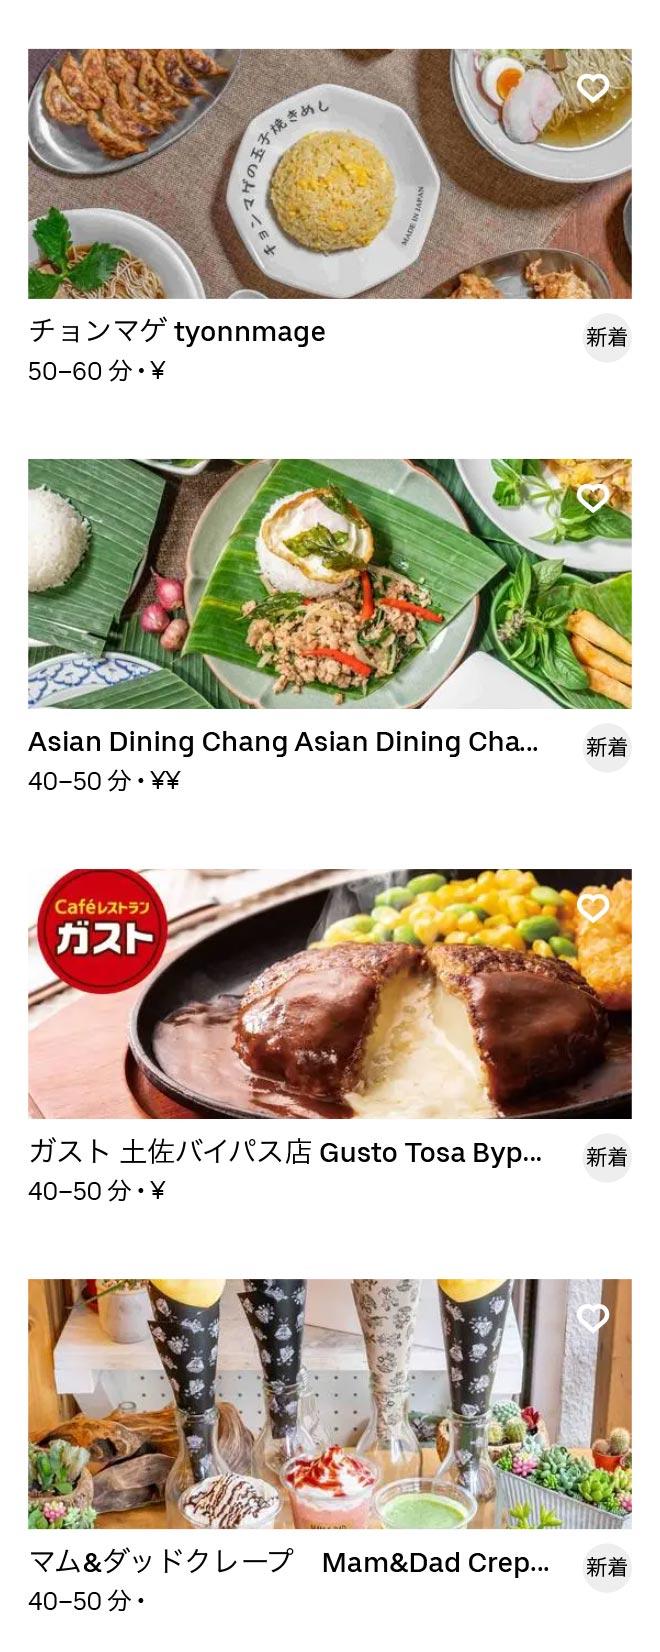 Asahi kouchi menu 2010 03